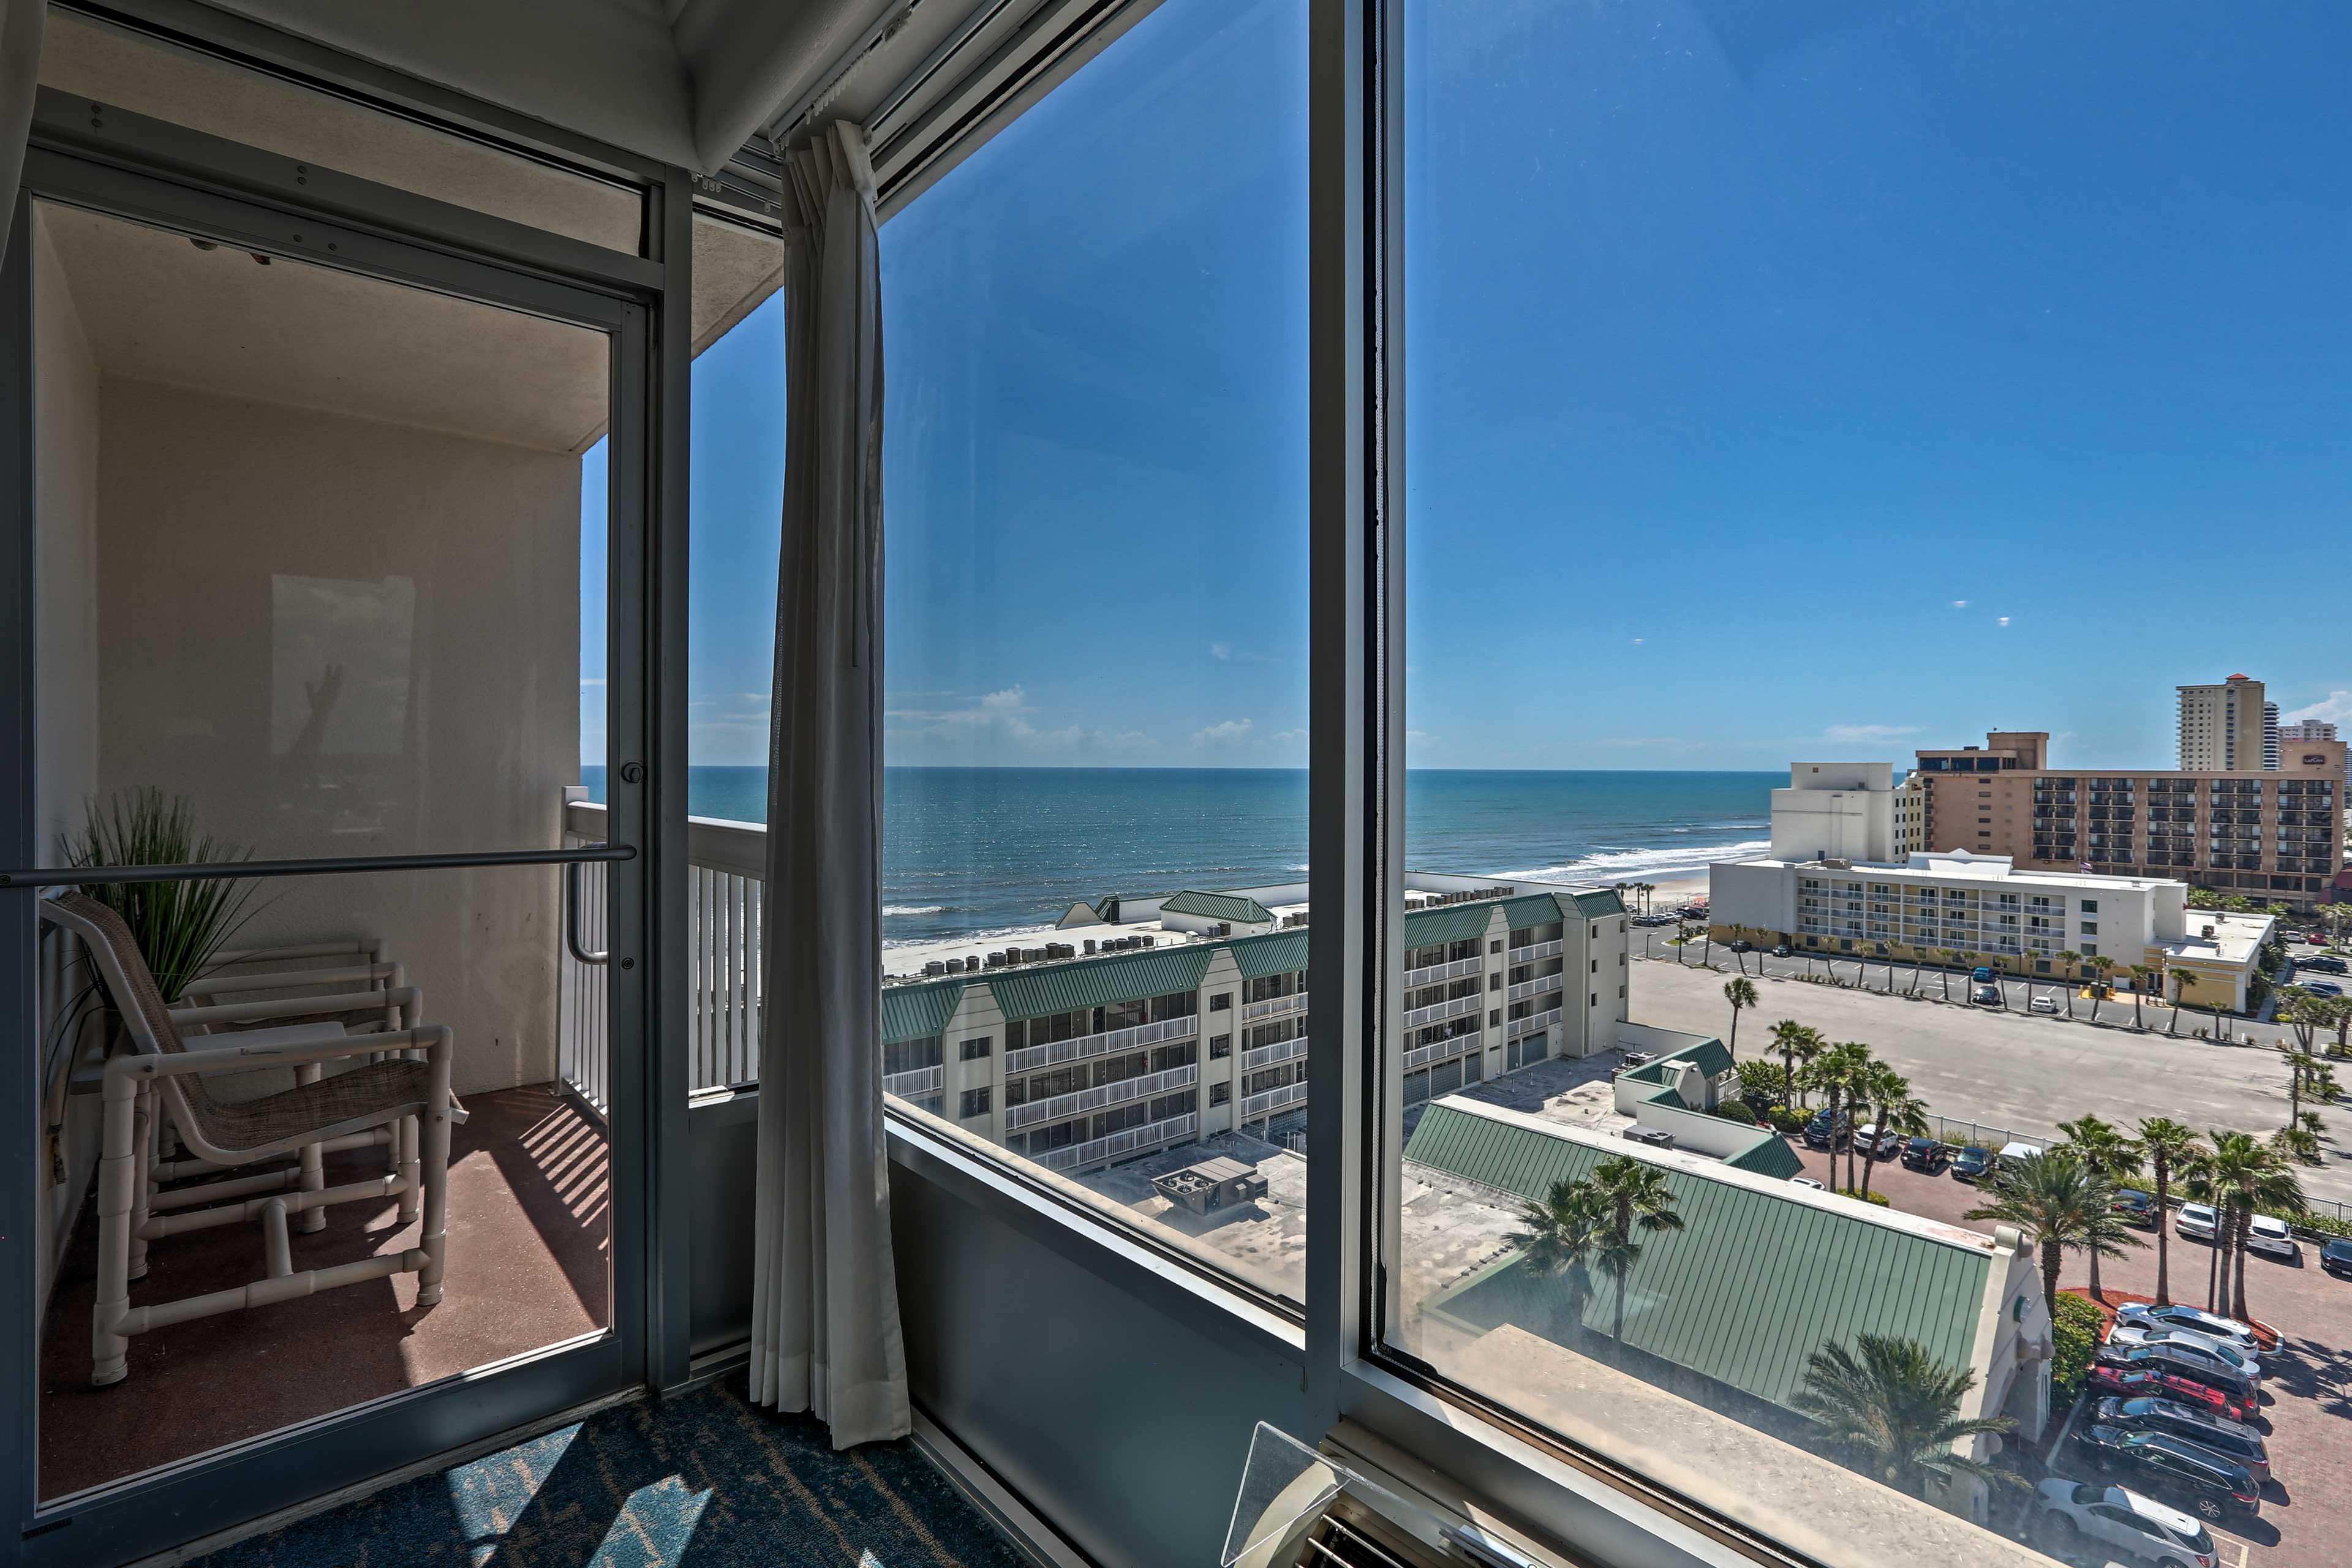 Admire the ocean views.